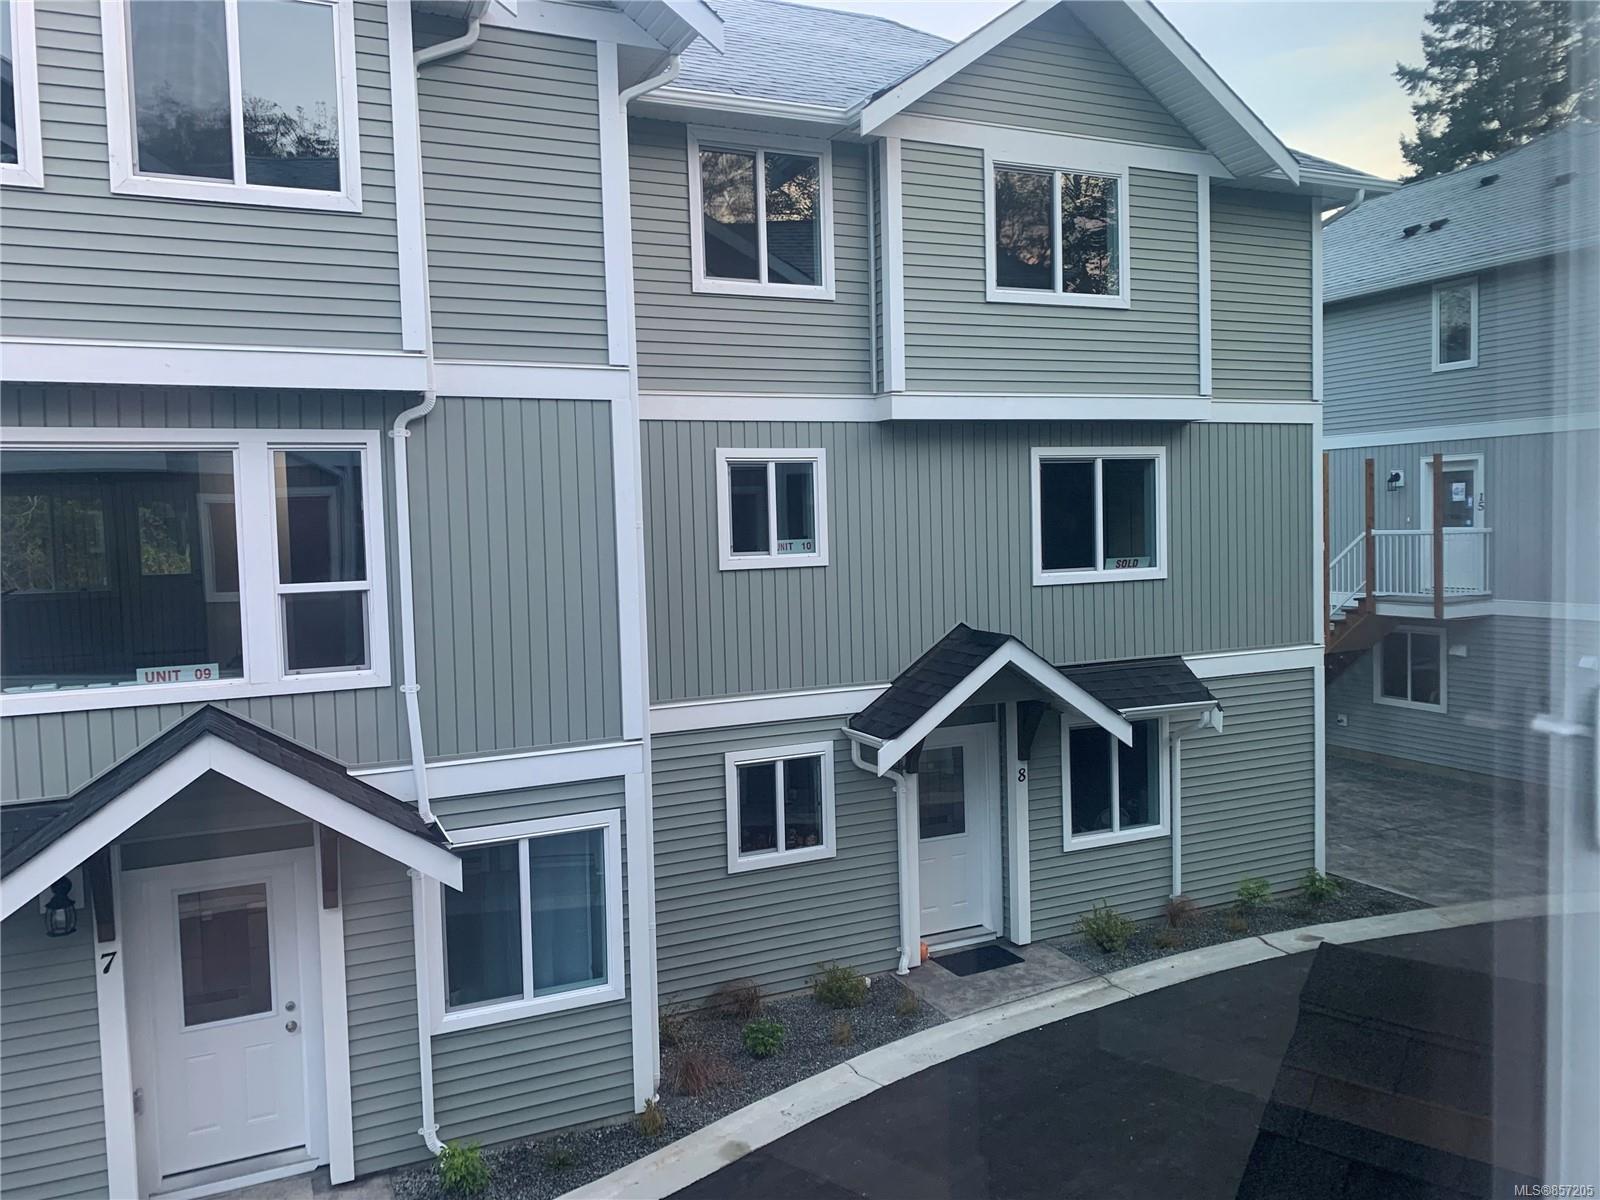 Main Photo: 11 6790 W Grant Rd in : Sk Sooke Vill Core Row/Townhouse for sale (Sooke)  : MLS®# 857205